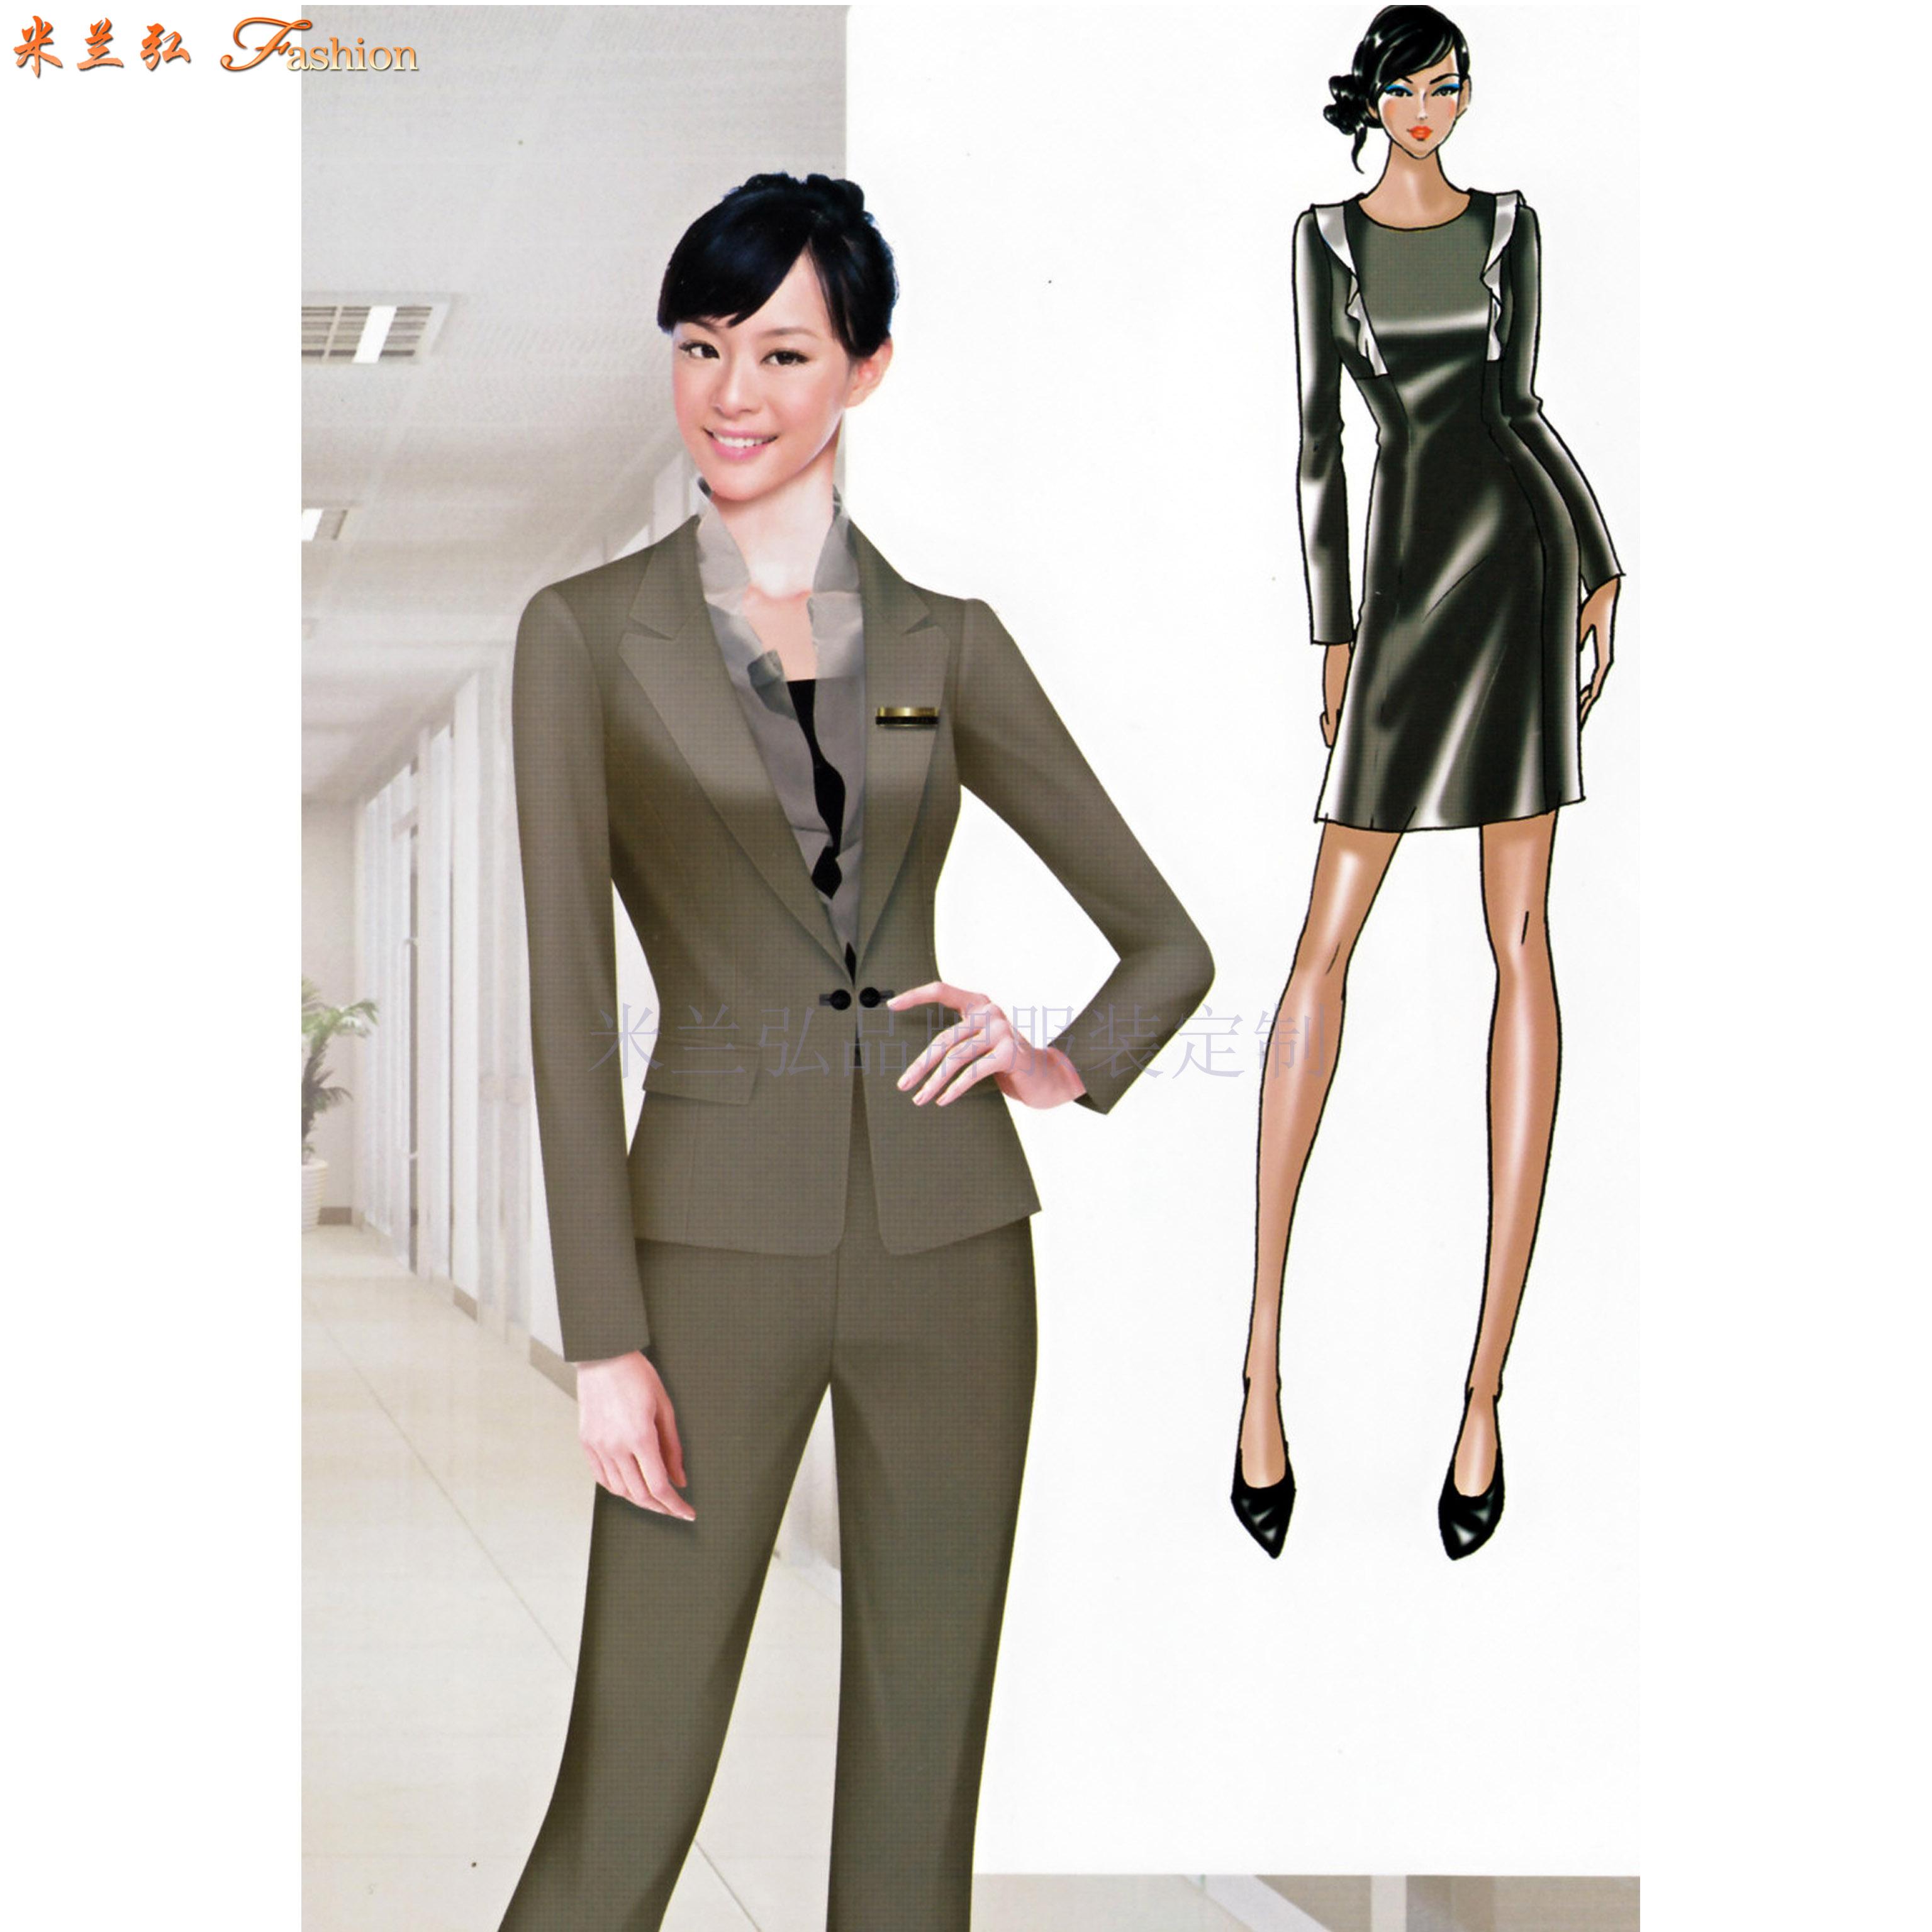 「服裝設計」工作服設計的3個性質及類別-米蘭弘服裝-3